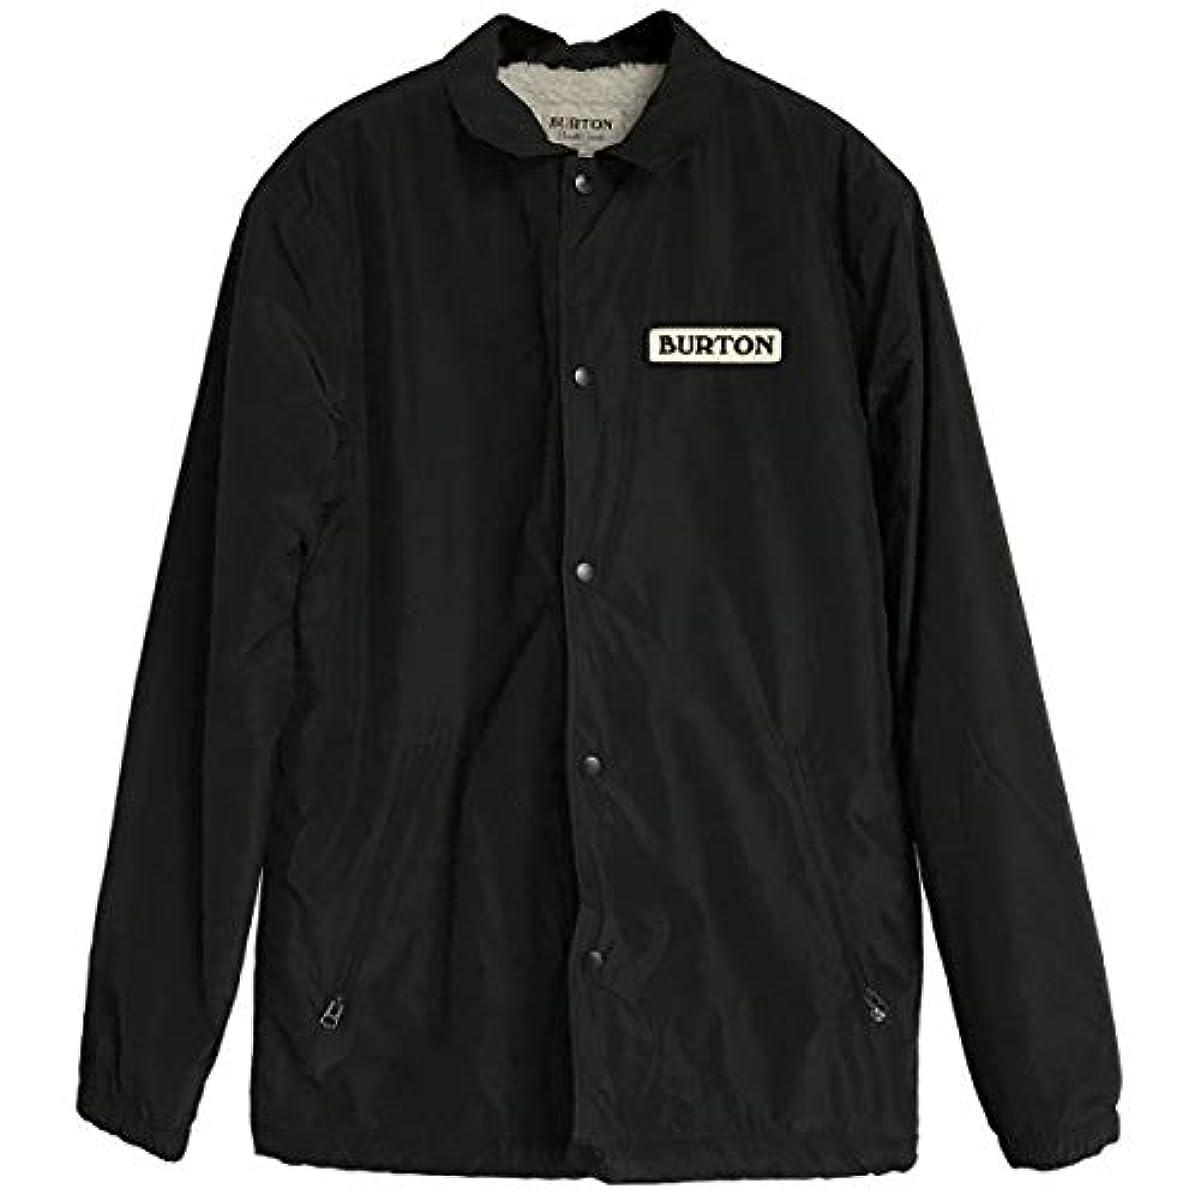 [해외] BURTON(버튼) COACHES JACKET 20730100001 TRUE BLACK XS